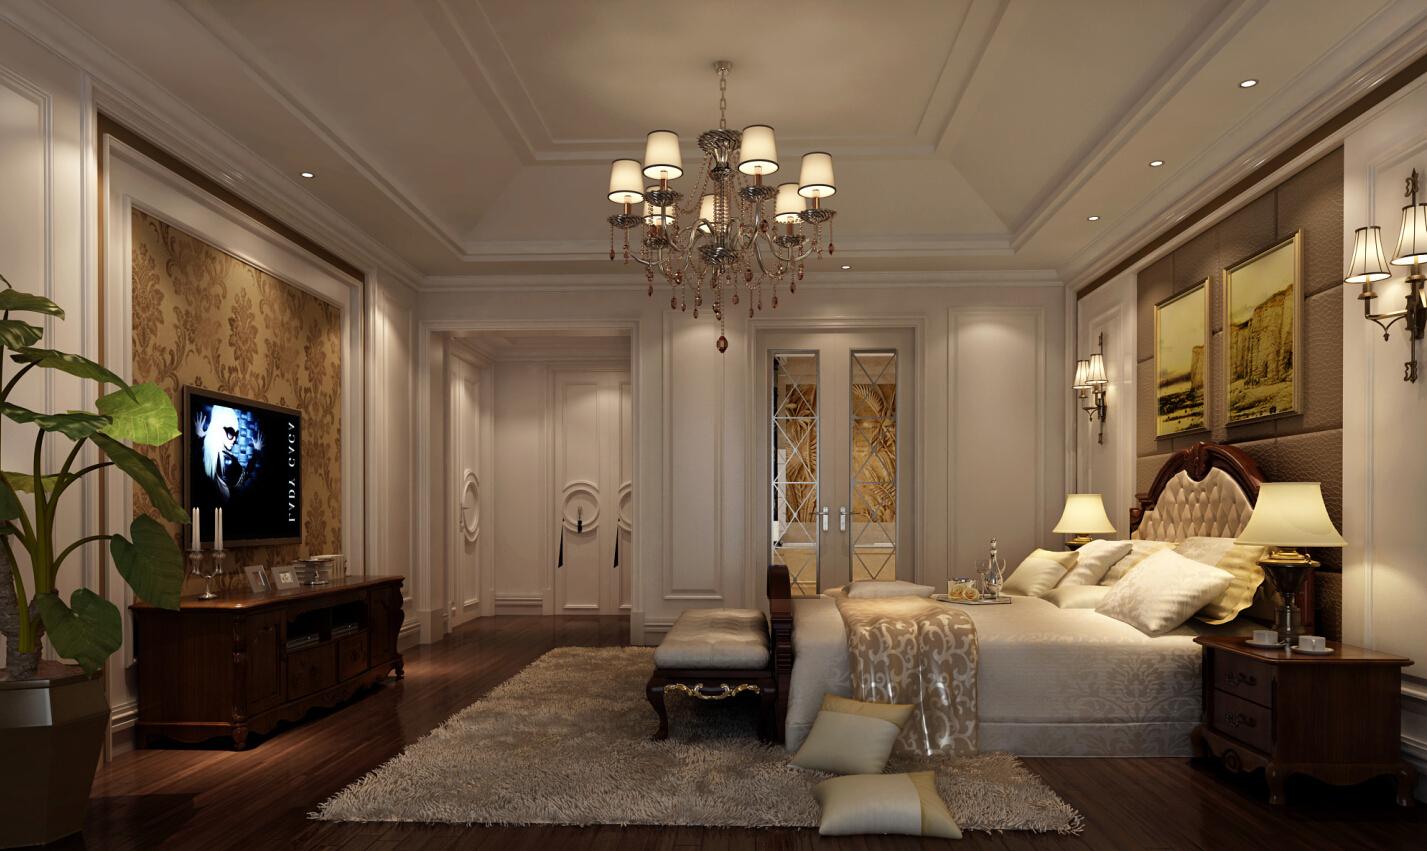 金臣别墅 新古典风格 腾龙设计 卧室图片来自腾龙设计在金臣别墅项目装修法式风格设计的分享